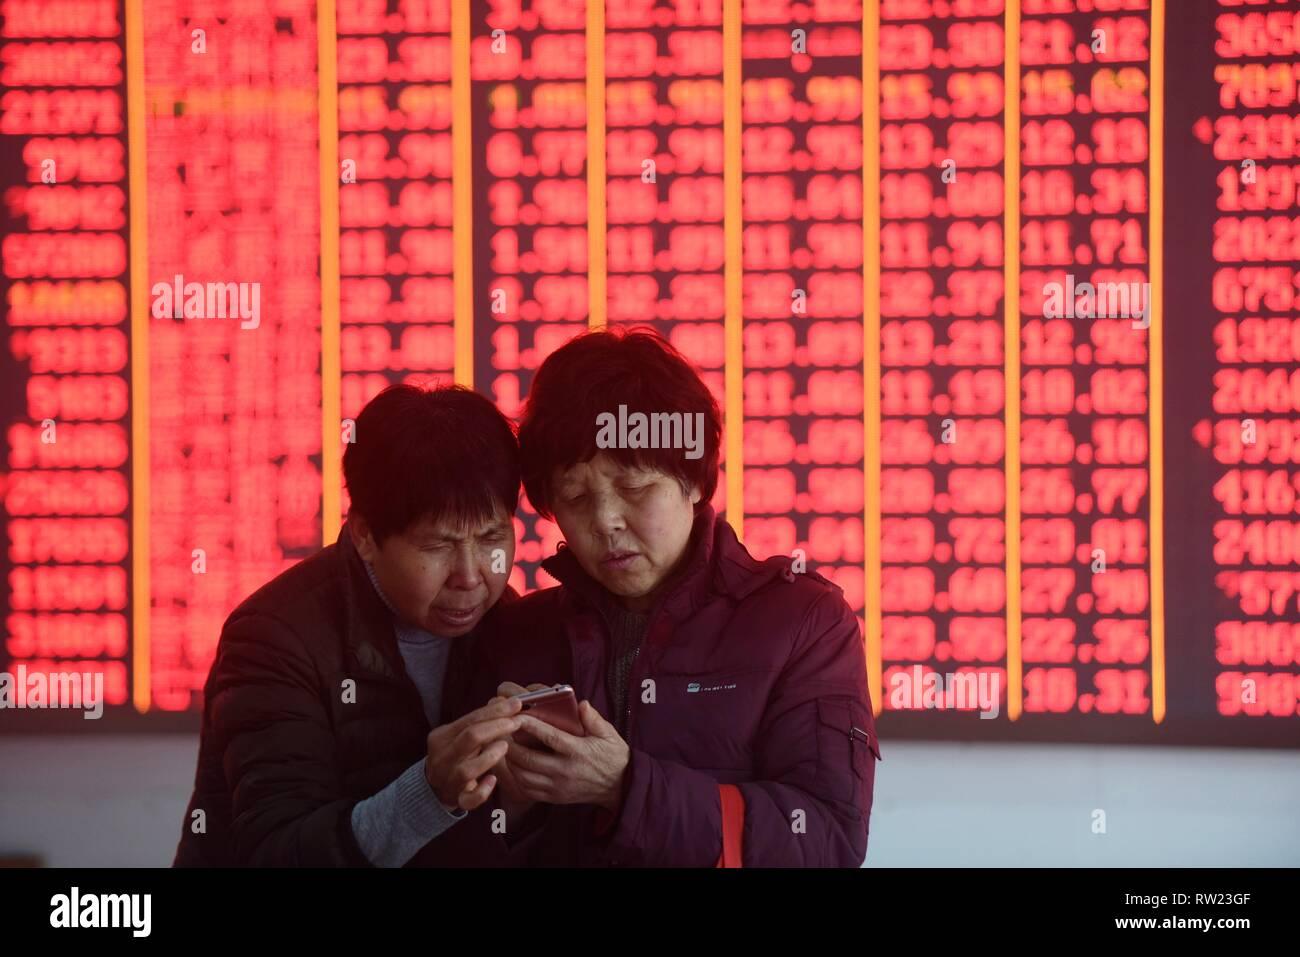 Hangzhou, China Zhejiang Provinz. 4 Mär, 2019. Investoren sind an einer Börse in Hangzhou, der Hauptstadt der Provinz Zhejiang, China, 4. März 2019 gesehen. Chinesische Aktien schliessen höhere Montag, nach der MSCI Entscheidung das Gewicht Chinas A-Aktien in ihren Indizes zu erhöhen und die neu vorgestellten Regelungen auf den sci-tech Board. Der Benchmark Shanghai Composite Index gewann 1,12 Prozent auf 3,027.58 zu beenden, durch die 3.000 brechen - Punkt. Credit: Lange Wei/Xinhua/Alamy leben Nachrichten Stockbild